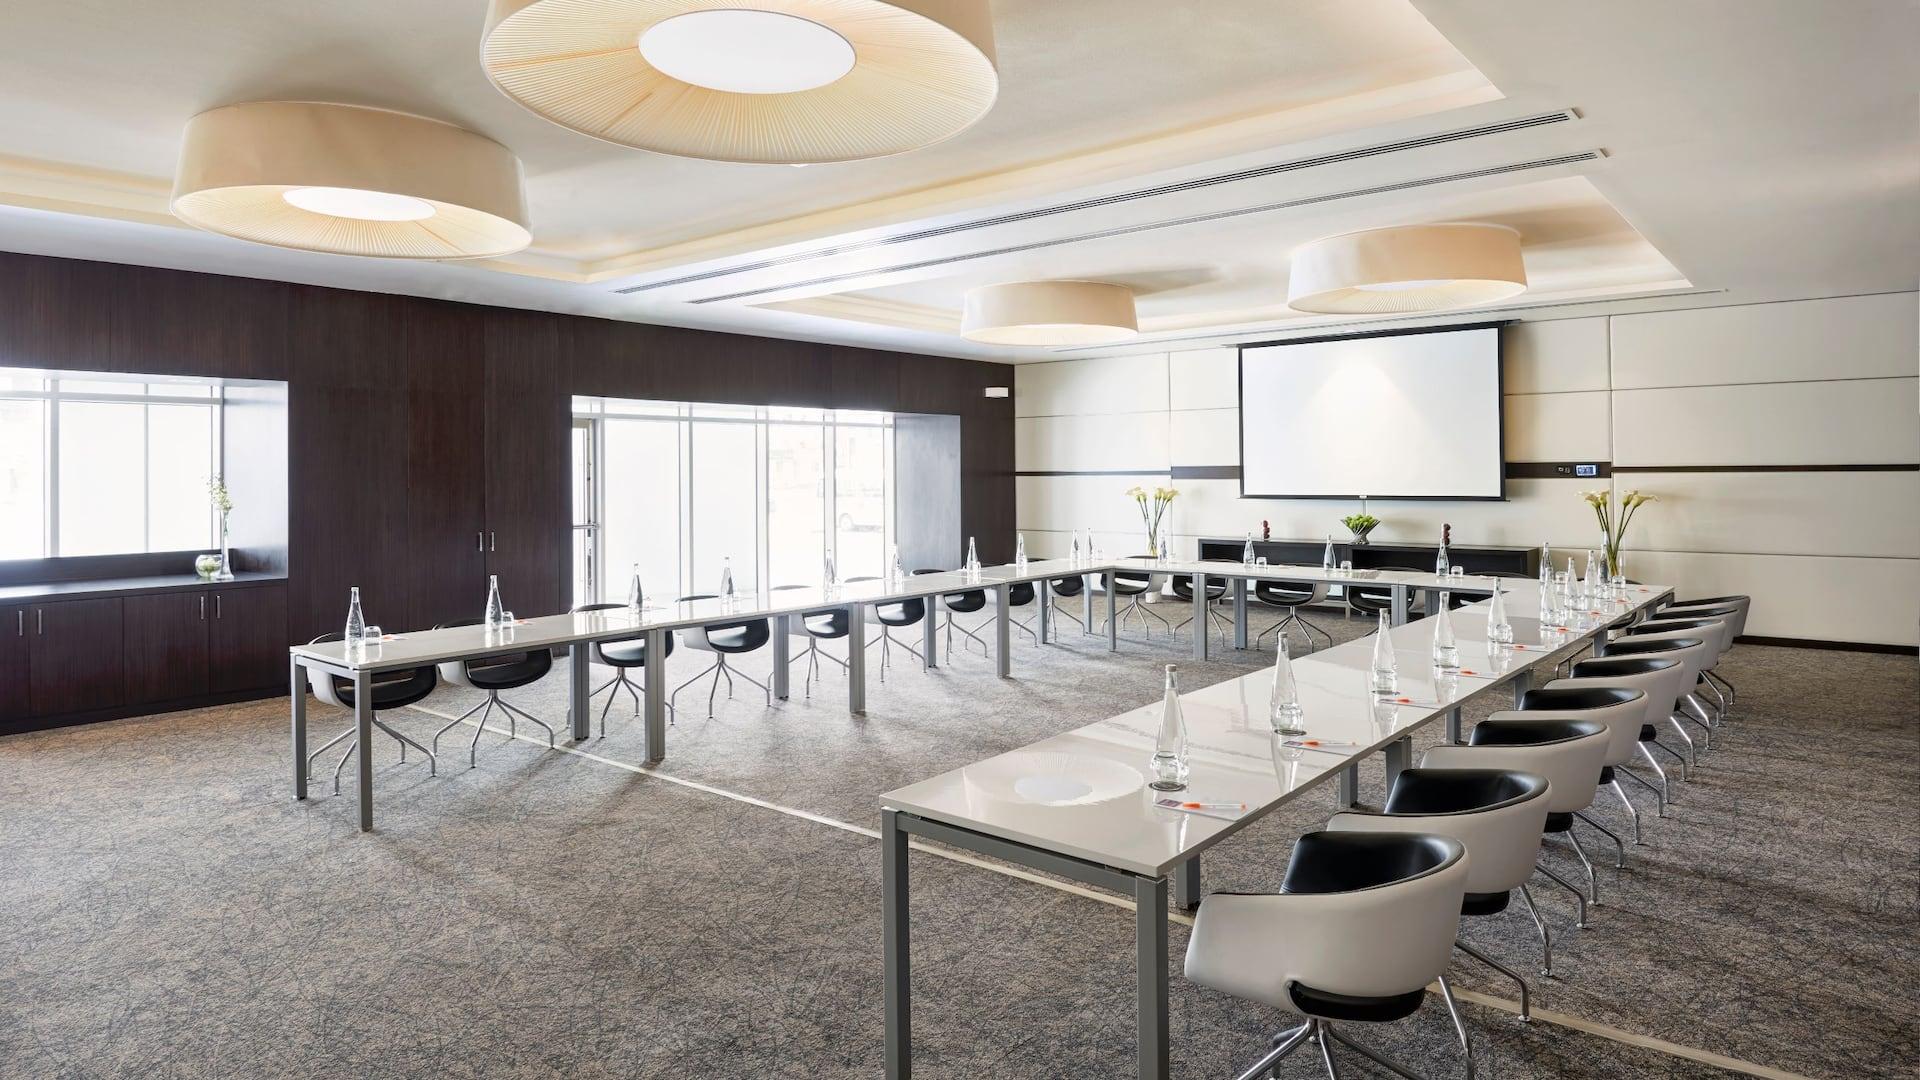 Meeting Place U Shape